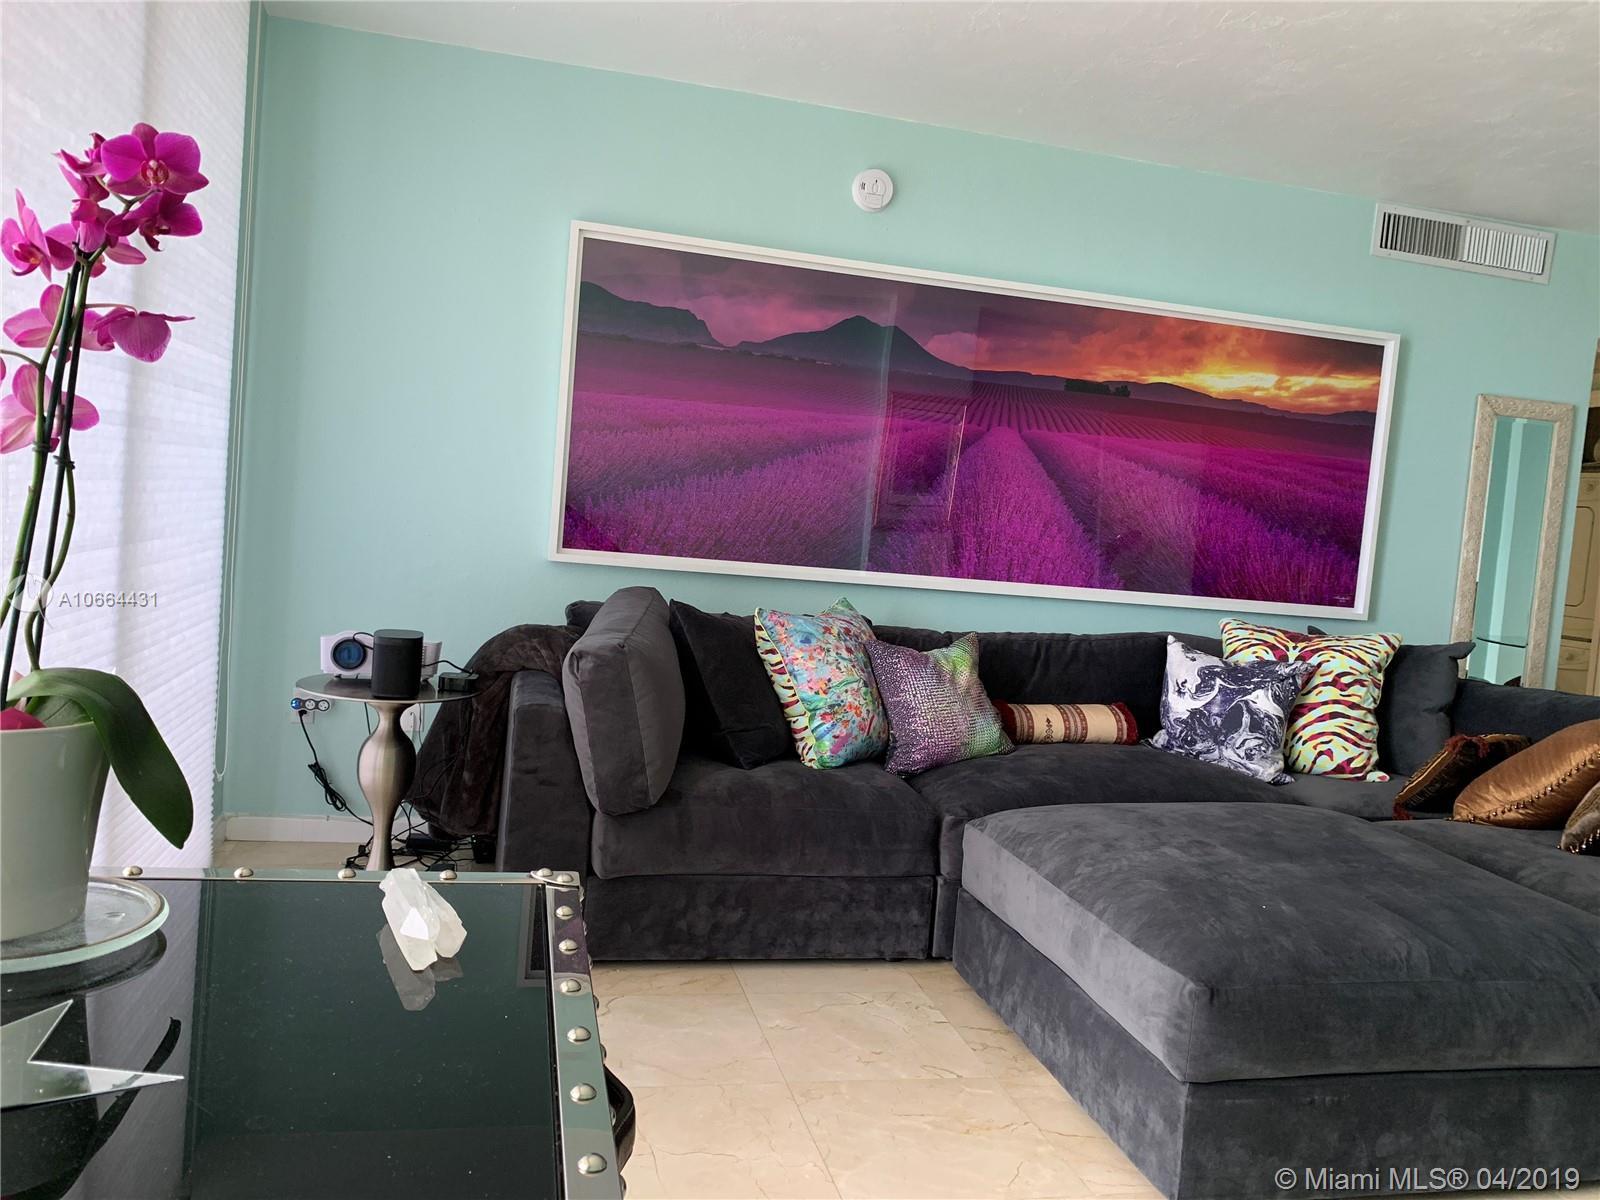 10350 W Bay Harbor Dr # 6V, Bay Harbor Islands, Florida 33154, 1 Bedroom Bedrooms, ,2 BathroomsBathrooms,Residential,For Sale,10350 W Bay Harbor Dr # 6V,A10664431